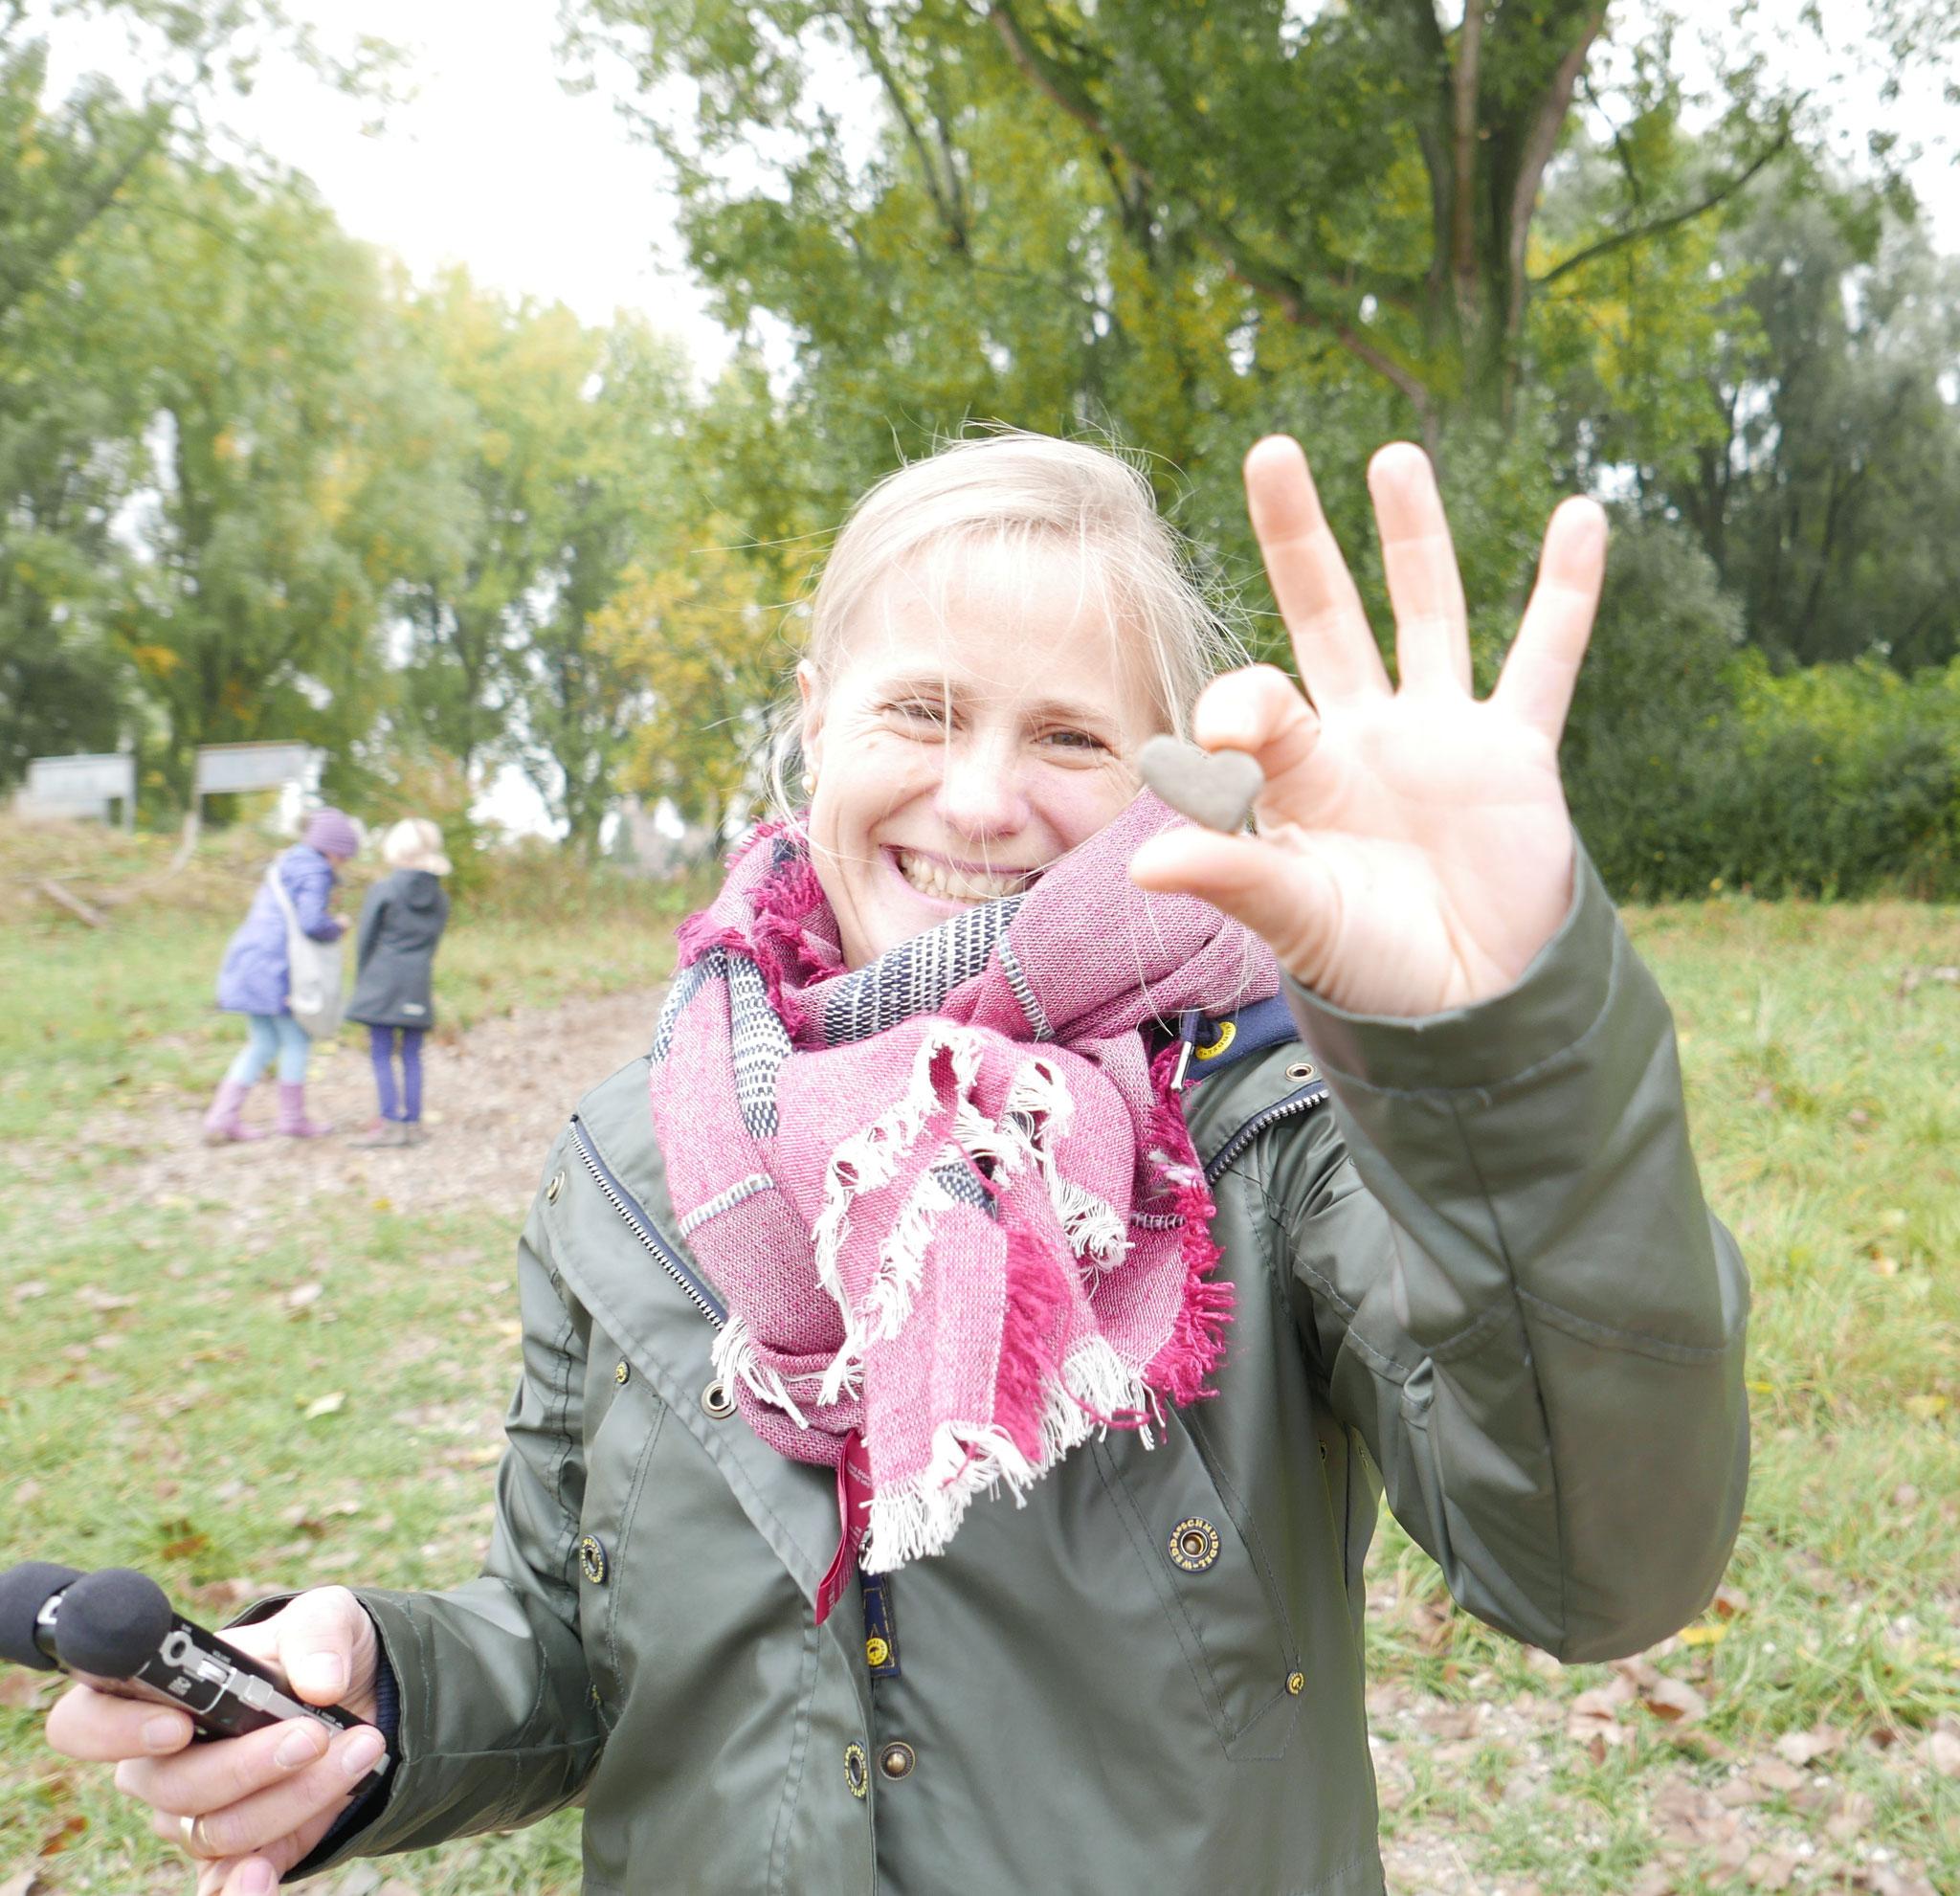 Die KiRaKa Reporterin interviewt zusammen mit den Kinderreportern, die Goldschmiedin Silke Holdinghausen, wie sie aus RHEiN-KiESELN Schmuck arbeitet.